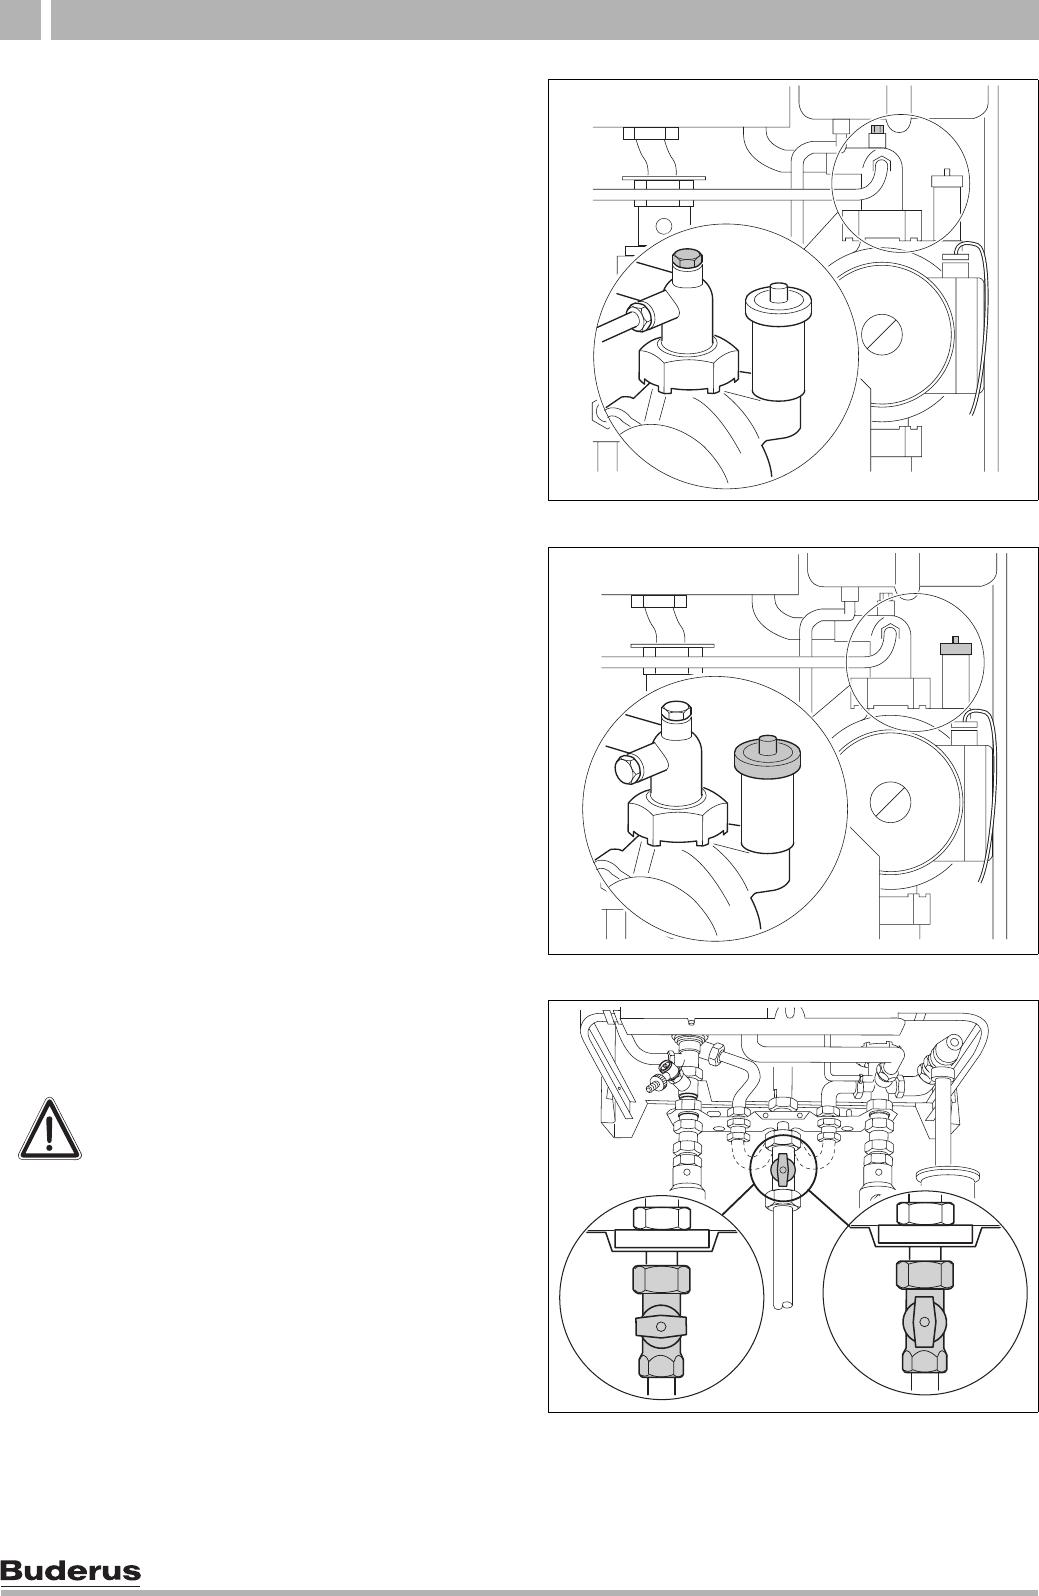 bedienungsanleitung buderus logamax u122 11 seite 16 von. Black Bedroom Furniture Sets. Home Design Ideas